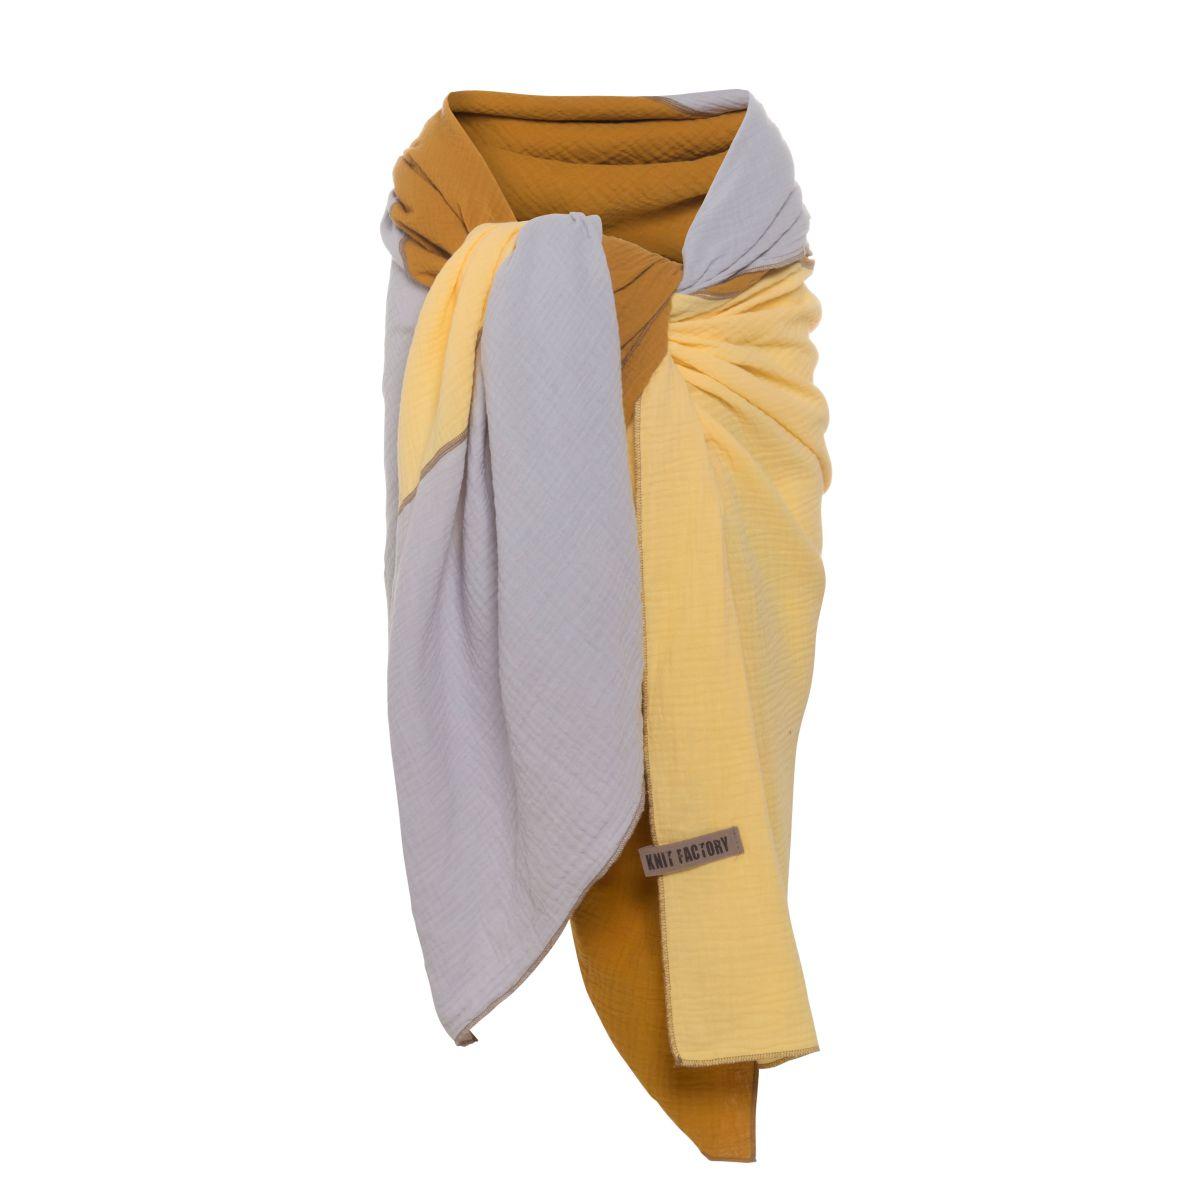 knit factory kf151056063 fay pareo oker citrus 4